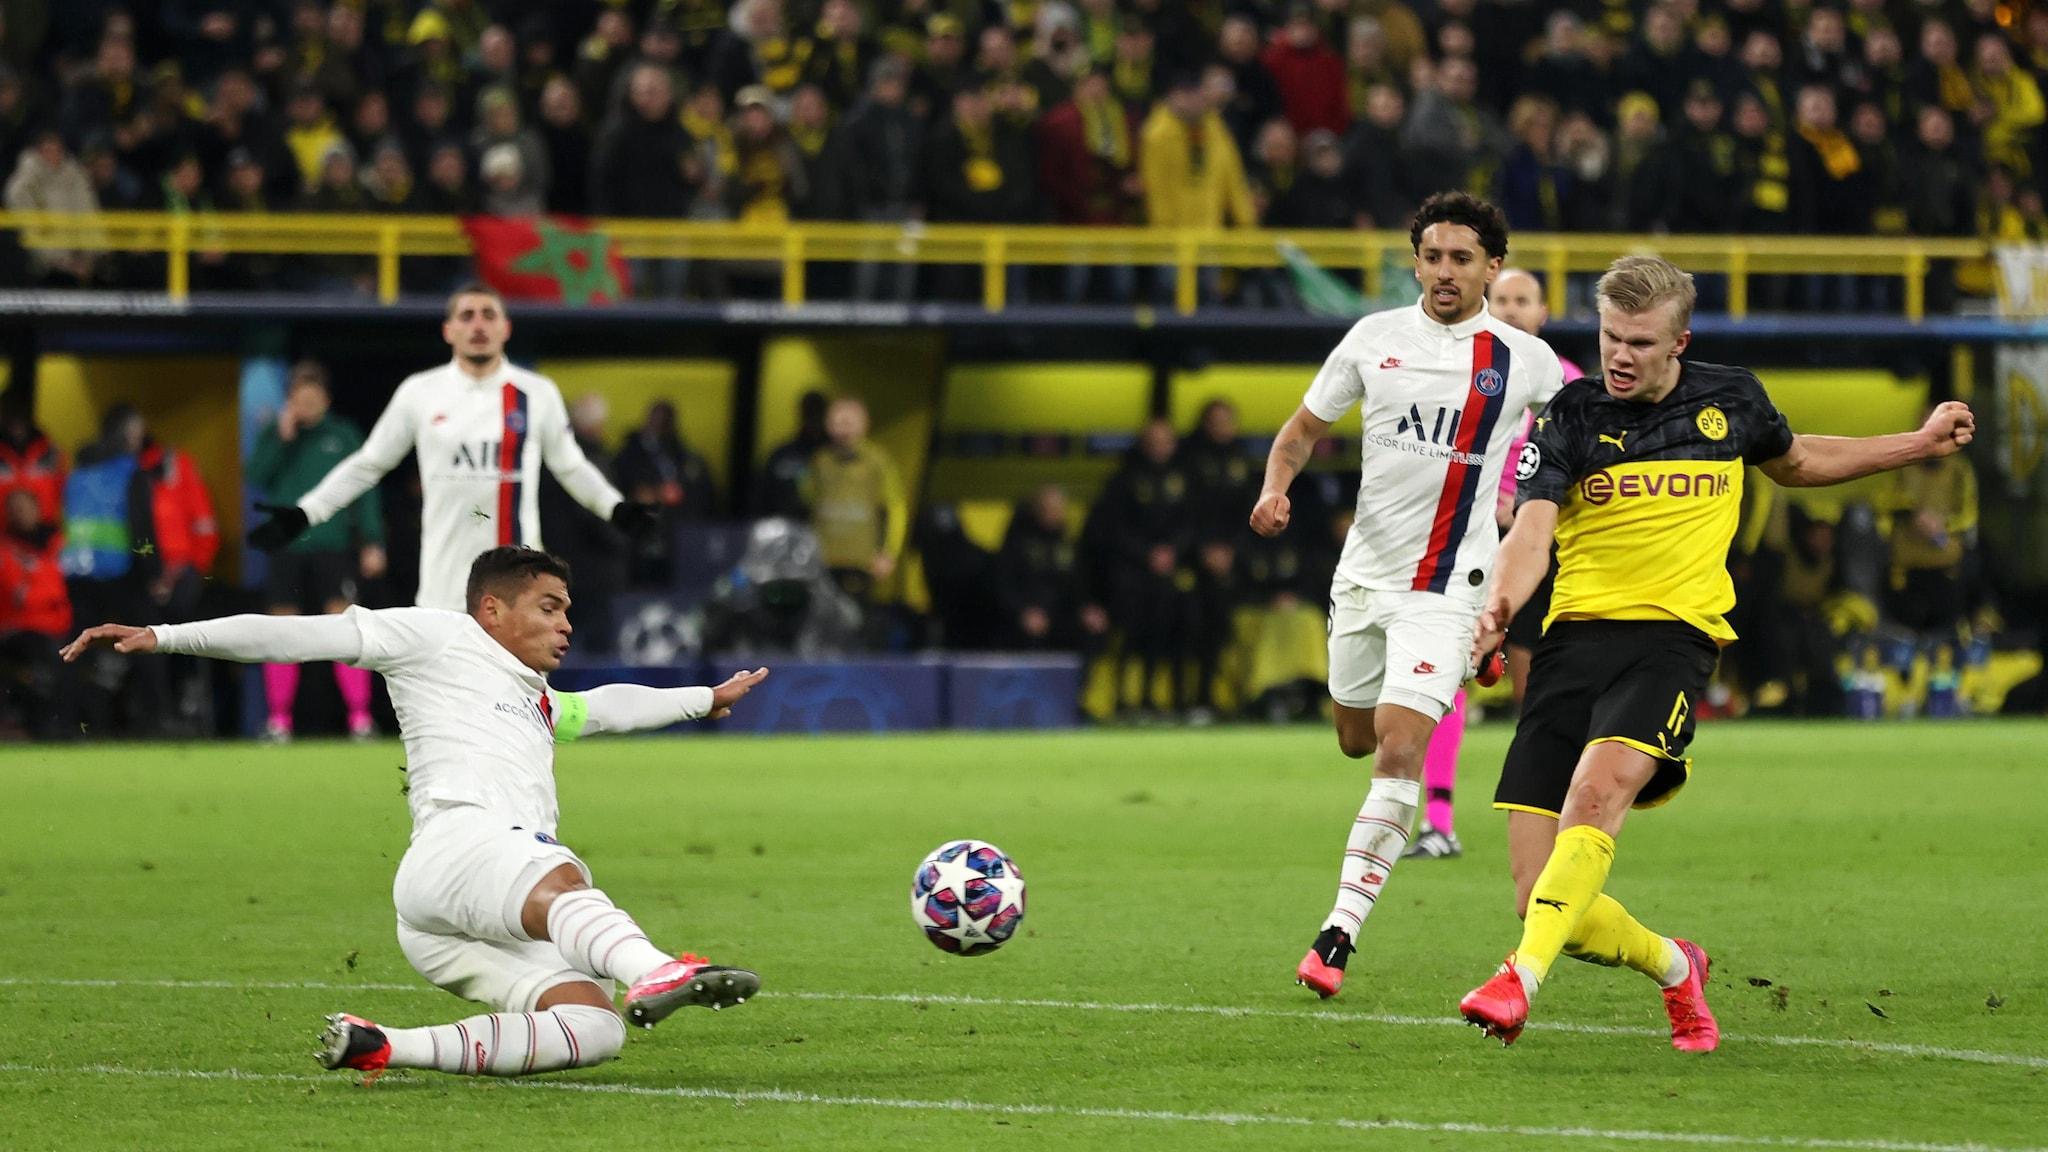 Боруссия зенит 1- 2 голы смотреть